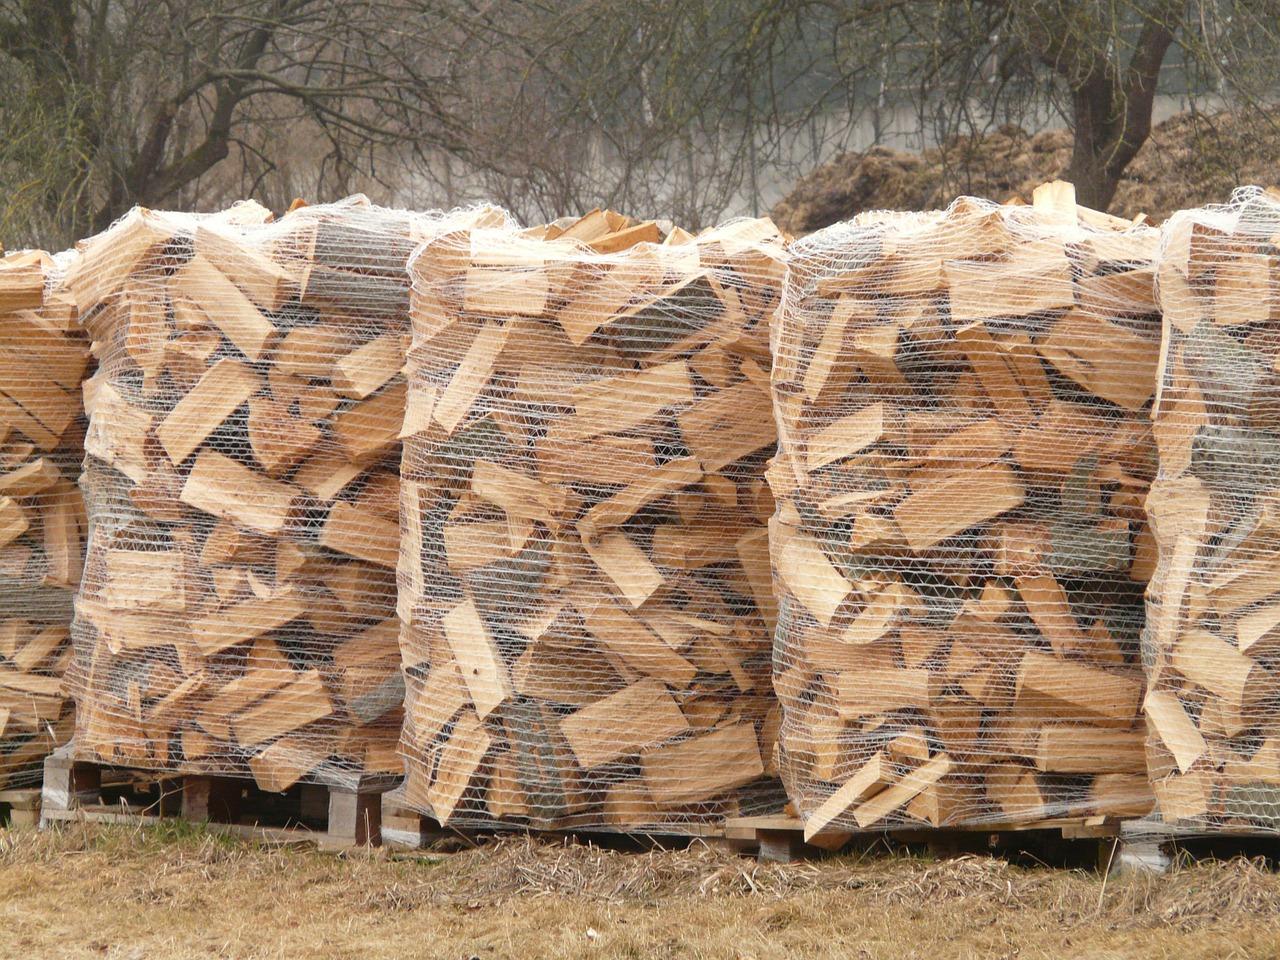 как сложить дрова красиво 2